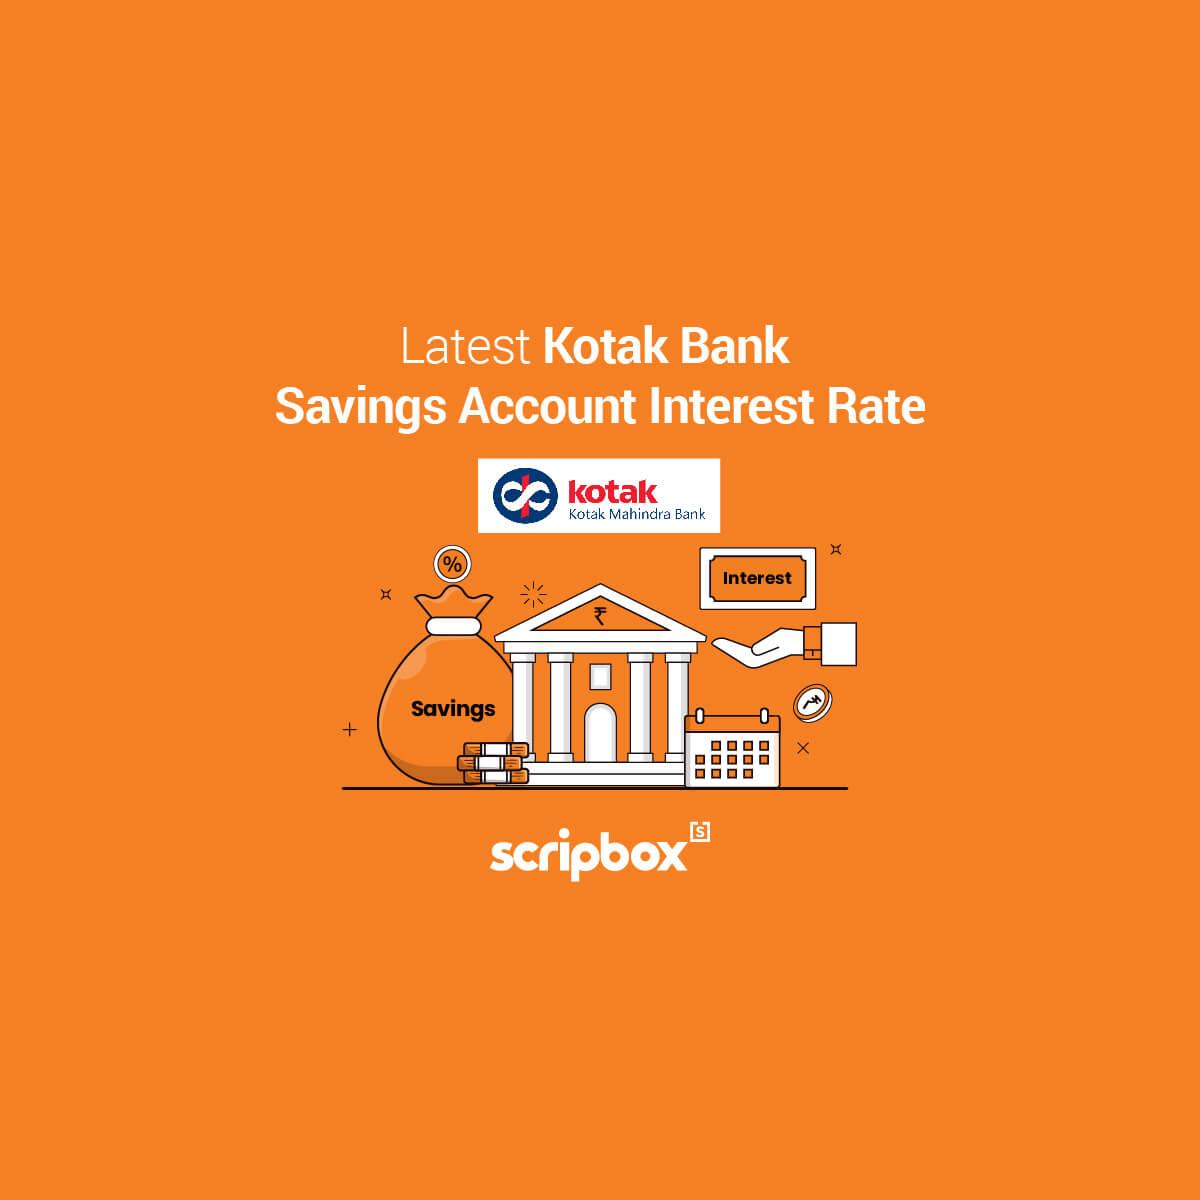 kotak savings account interest rate